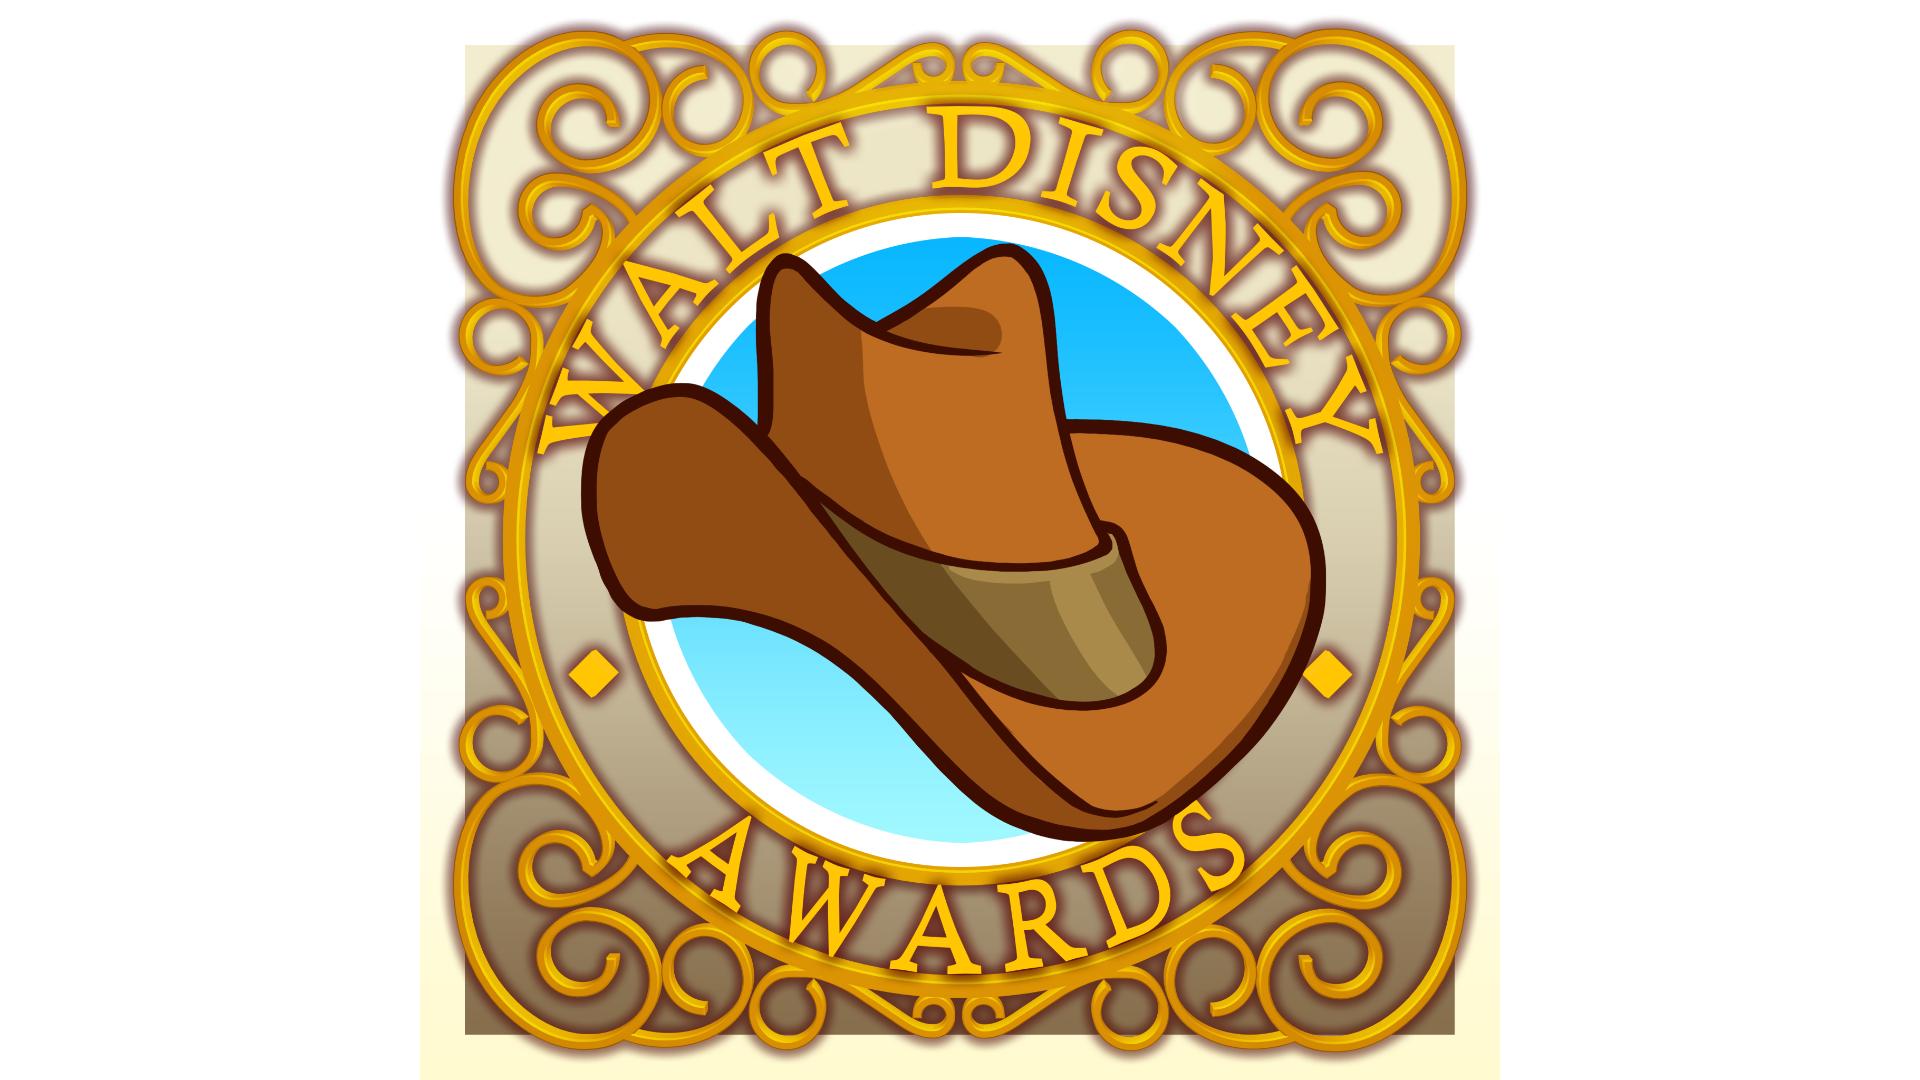 Disneyland Adventurer